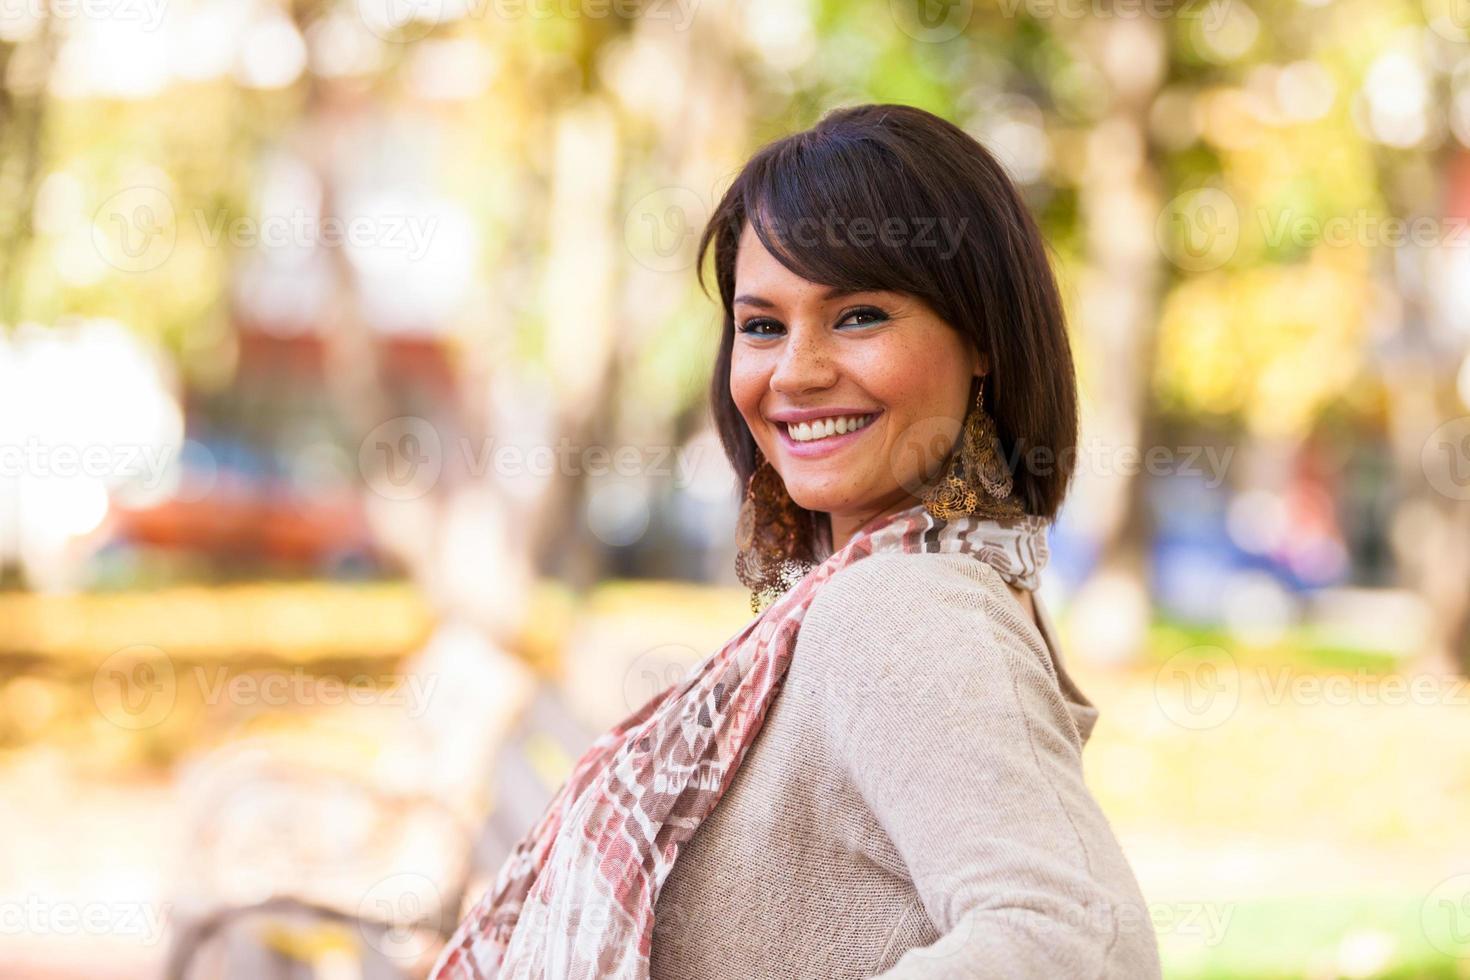 höst utomhus porträtt av vacker ung kvinna foto